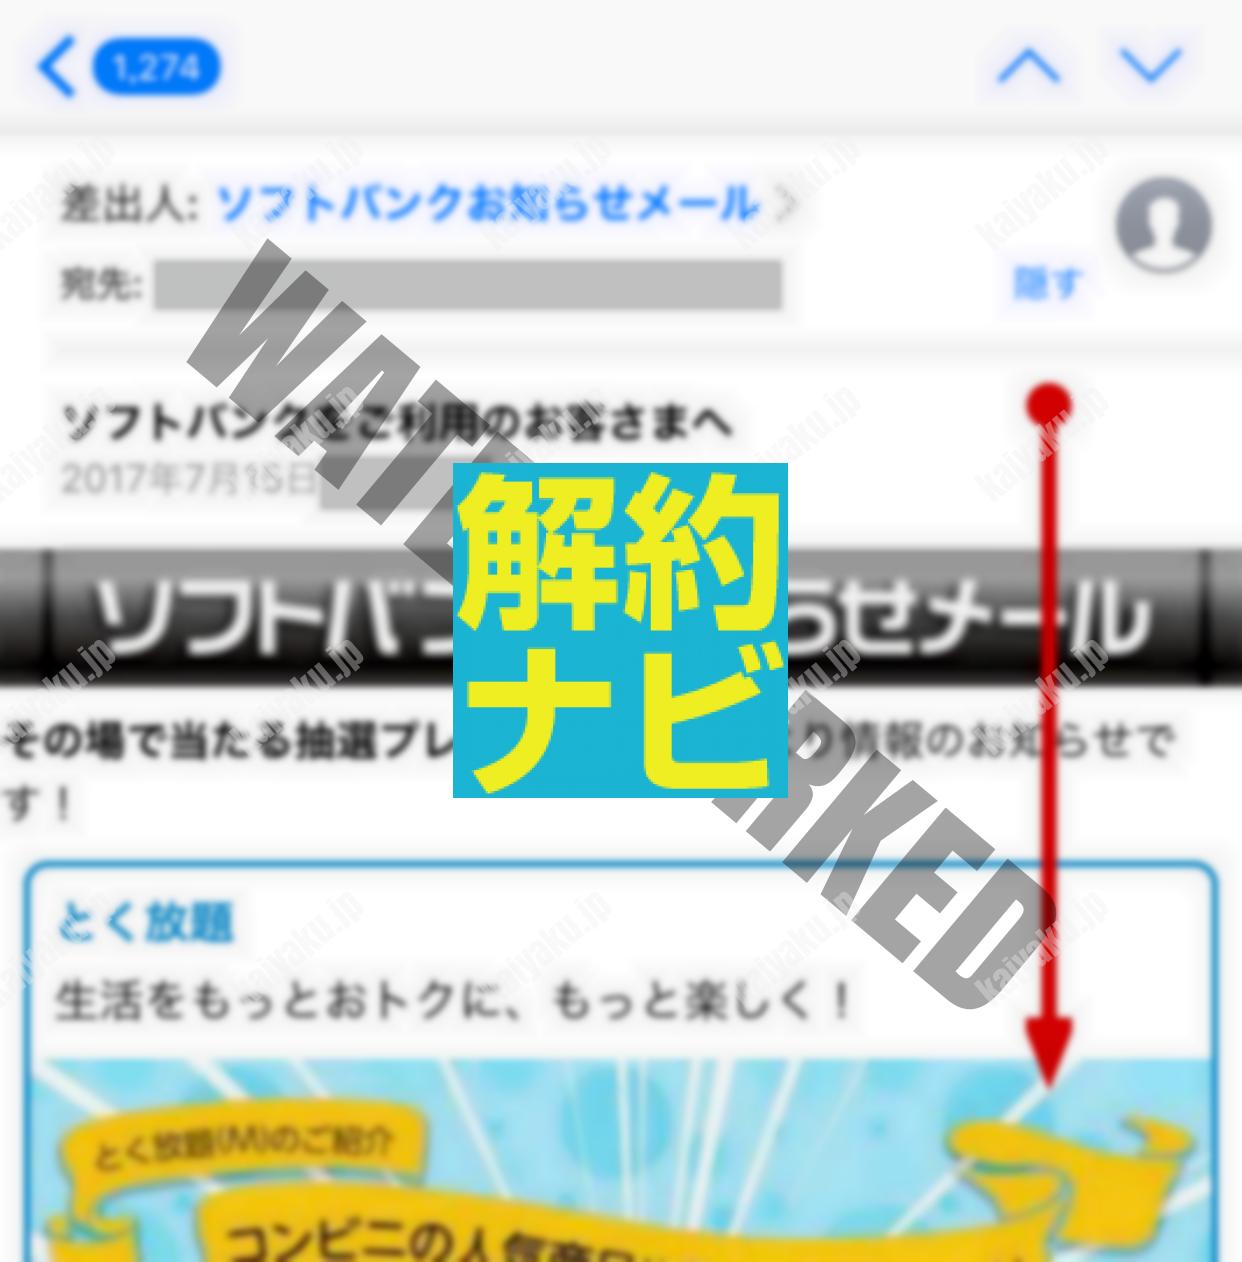 手順01:ソフトバンクお知らせメールを確認